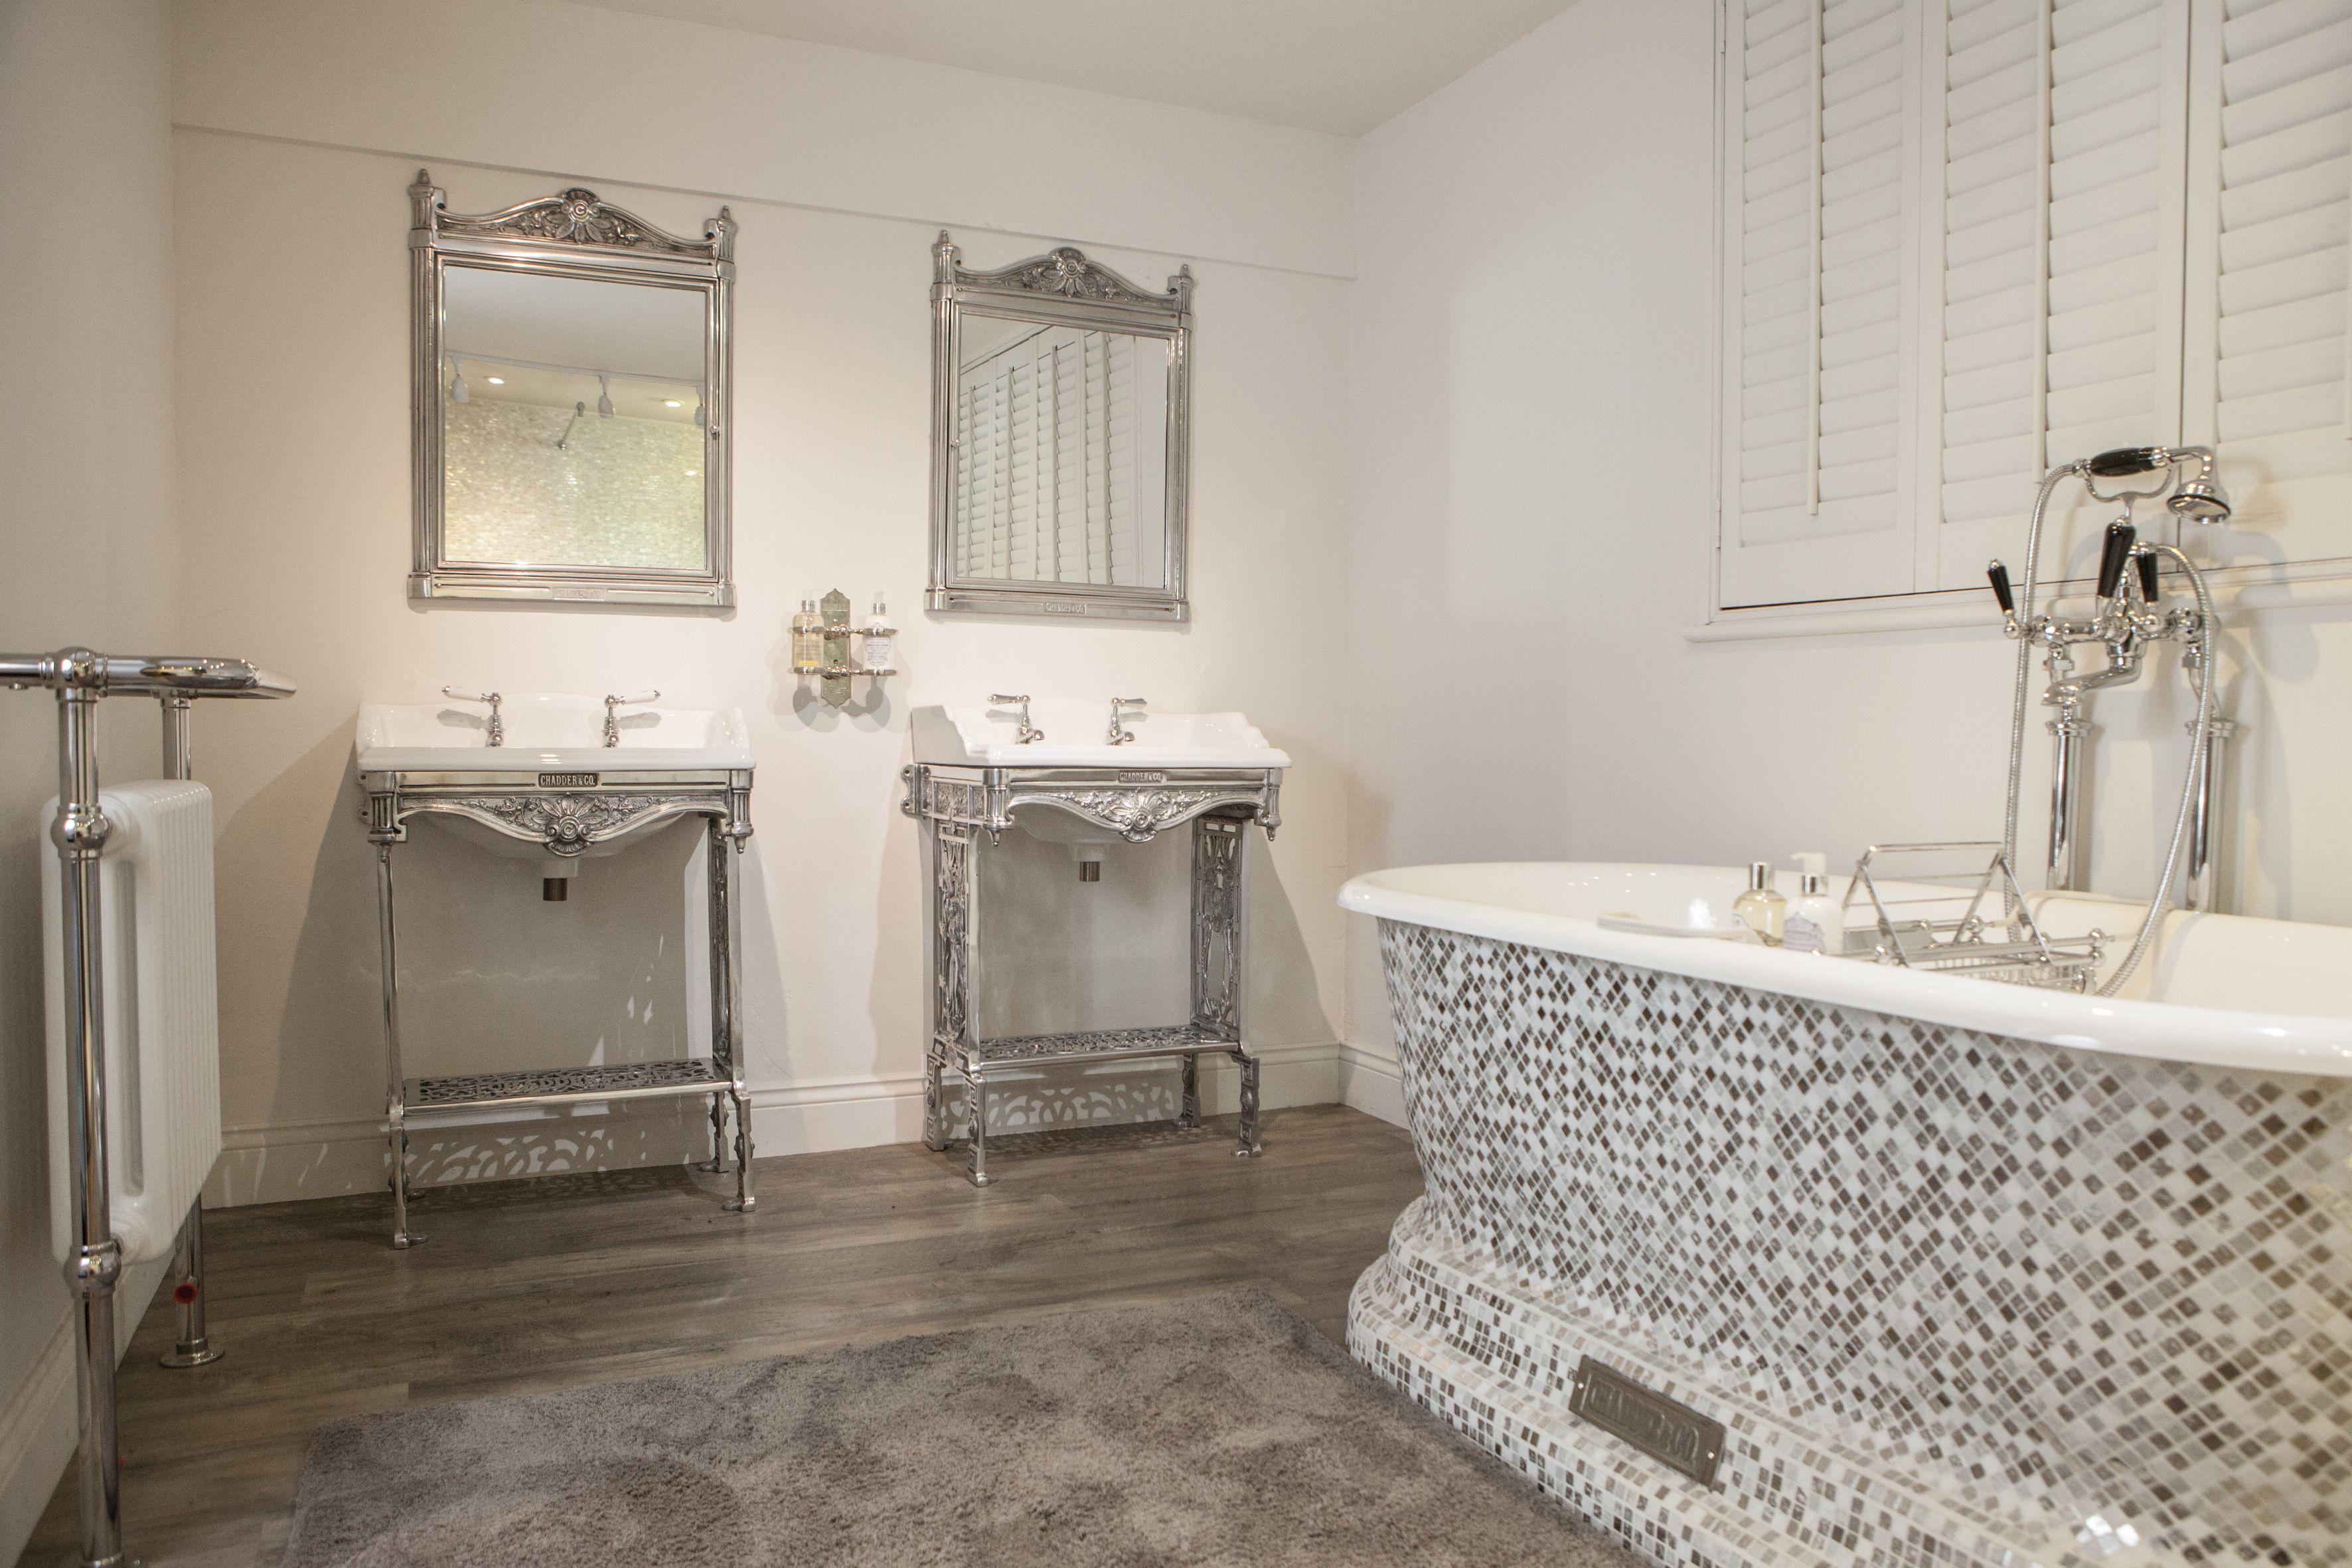 chadder bathroom, churchill mosaic bath, chrome mosaic silver and